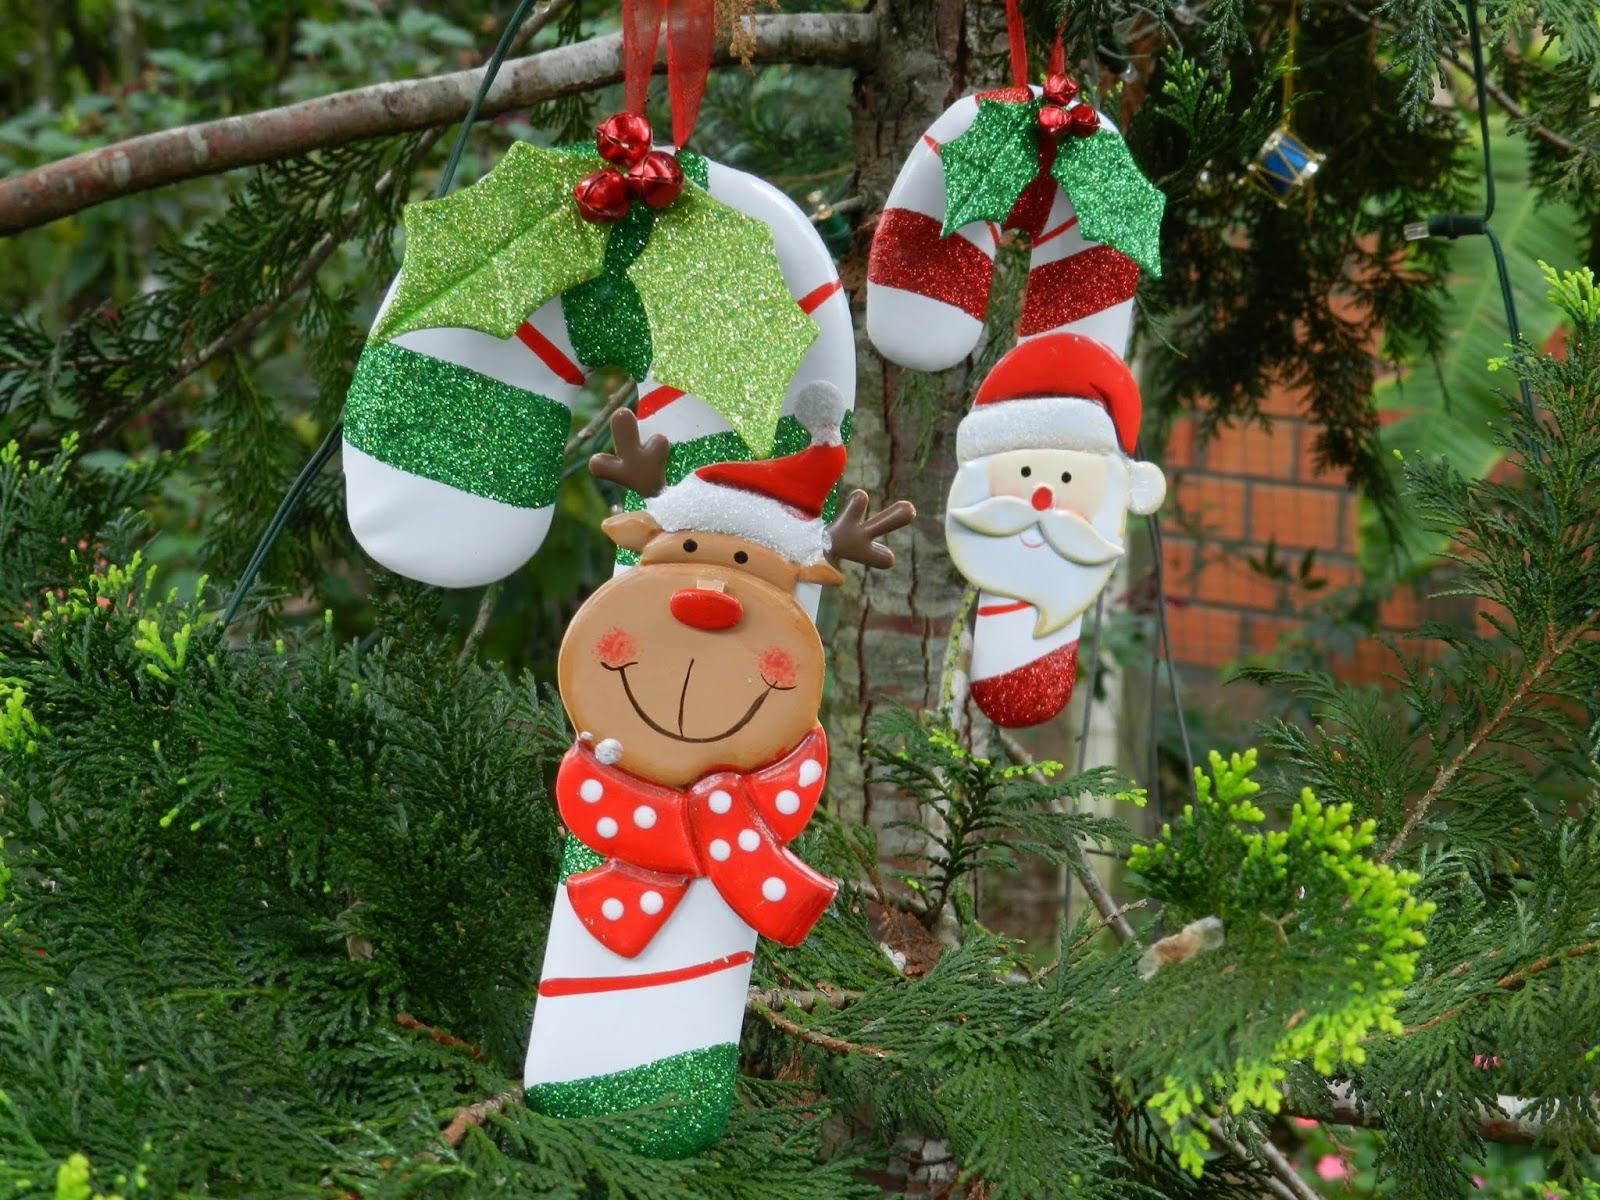 enfeites de jardim mercado livre:quinta-feira, 8 de novembro de 2012